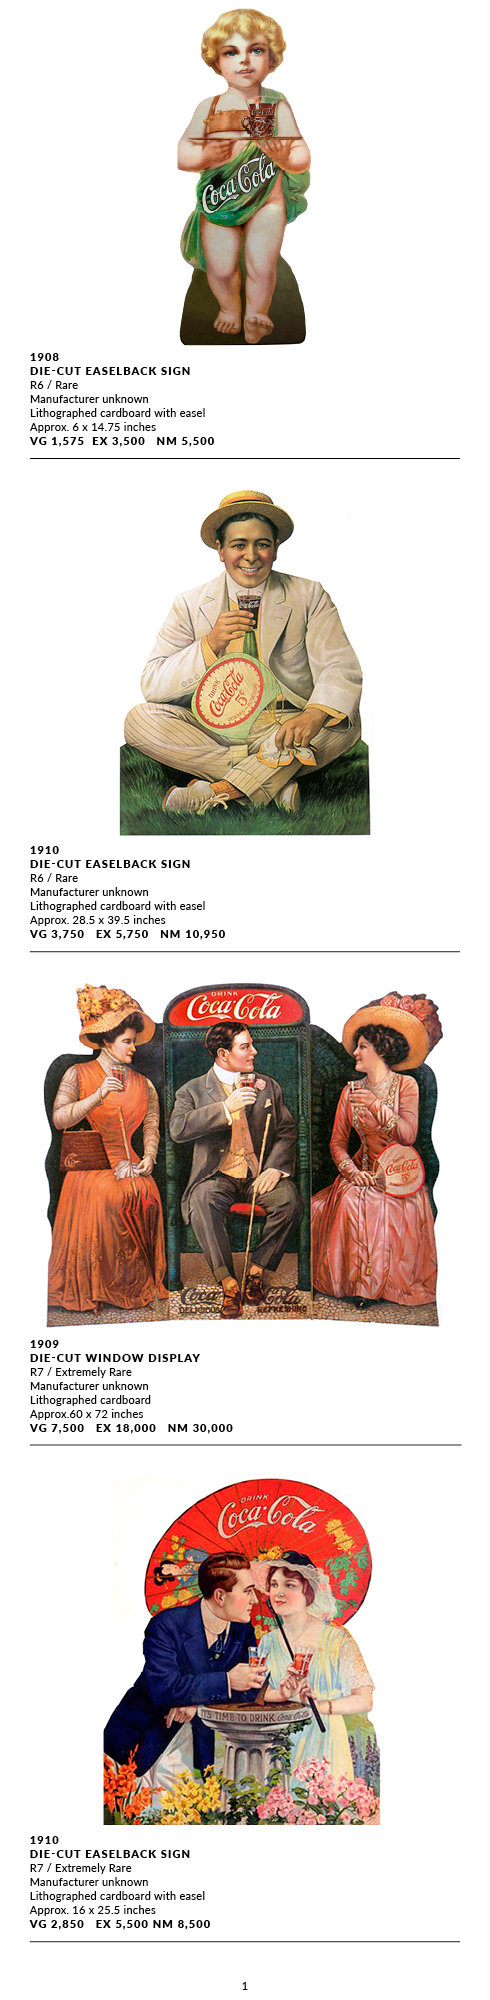 Die Cuts EaselBacks and Displays 1900-19